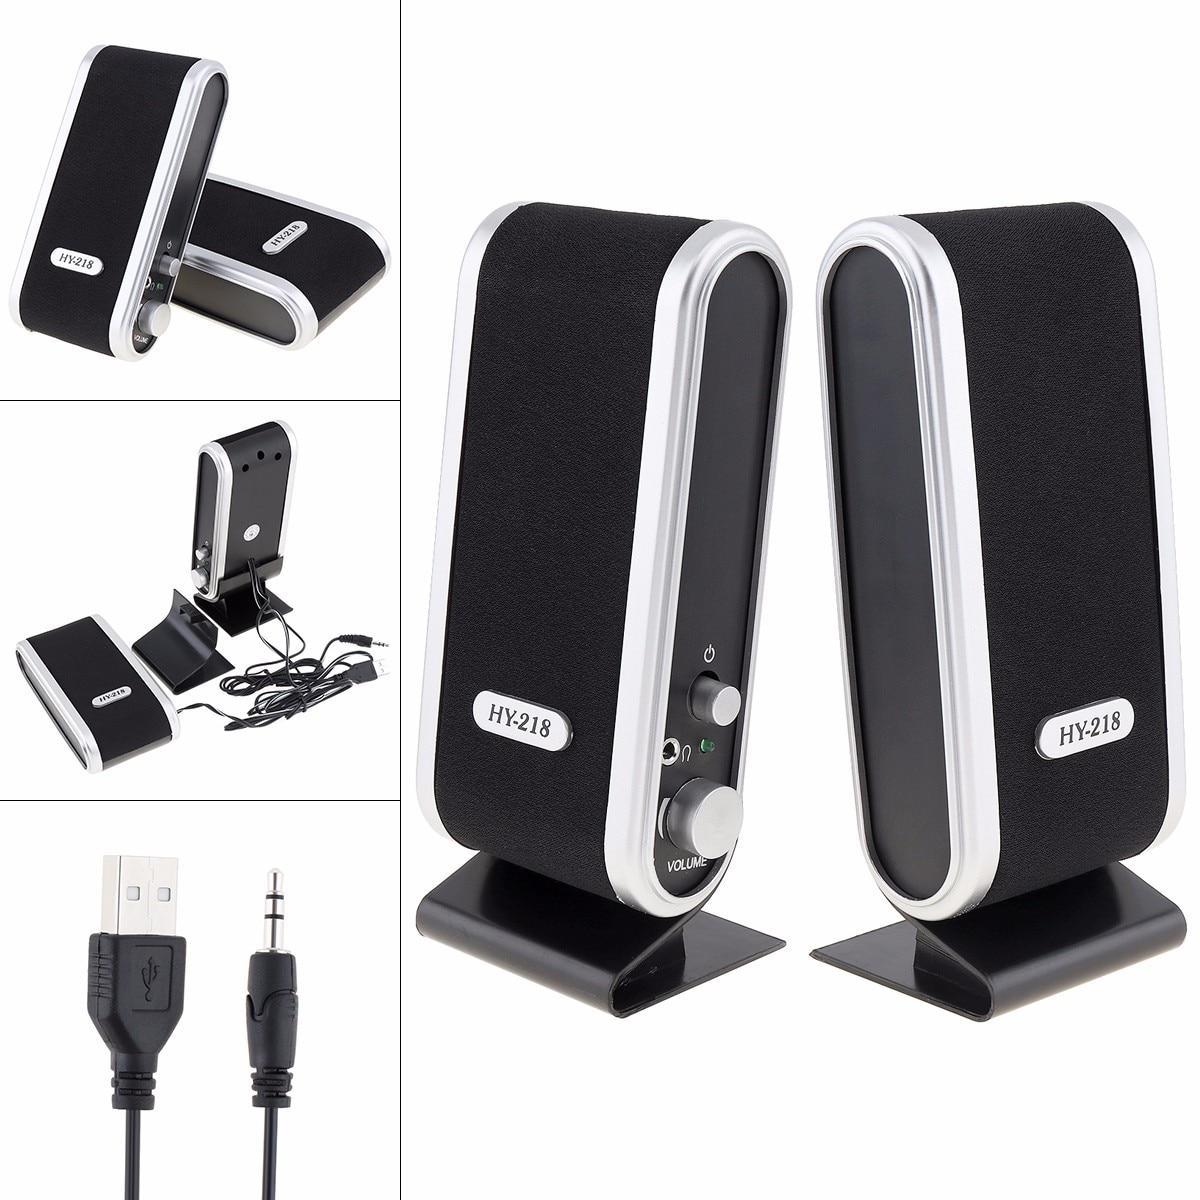 KELAND 2 in 1 Type-C to 3.5mm Jack Earphone Charging Converter Audio Adapter Digital-to-Analog Converters